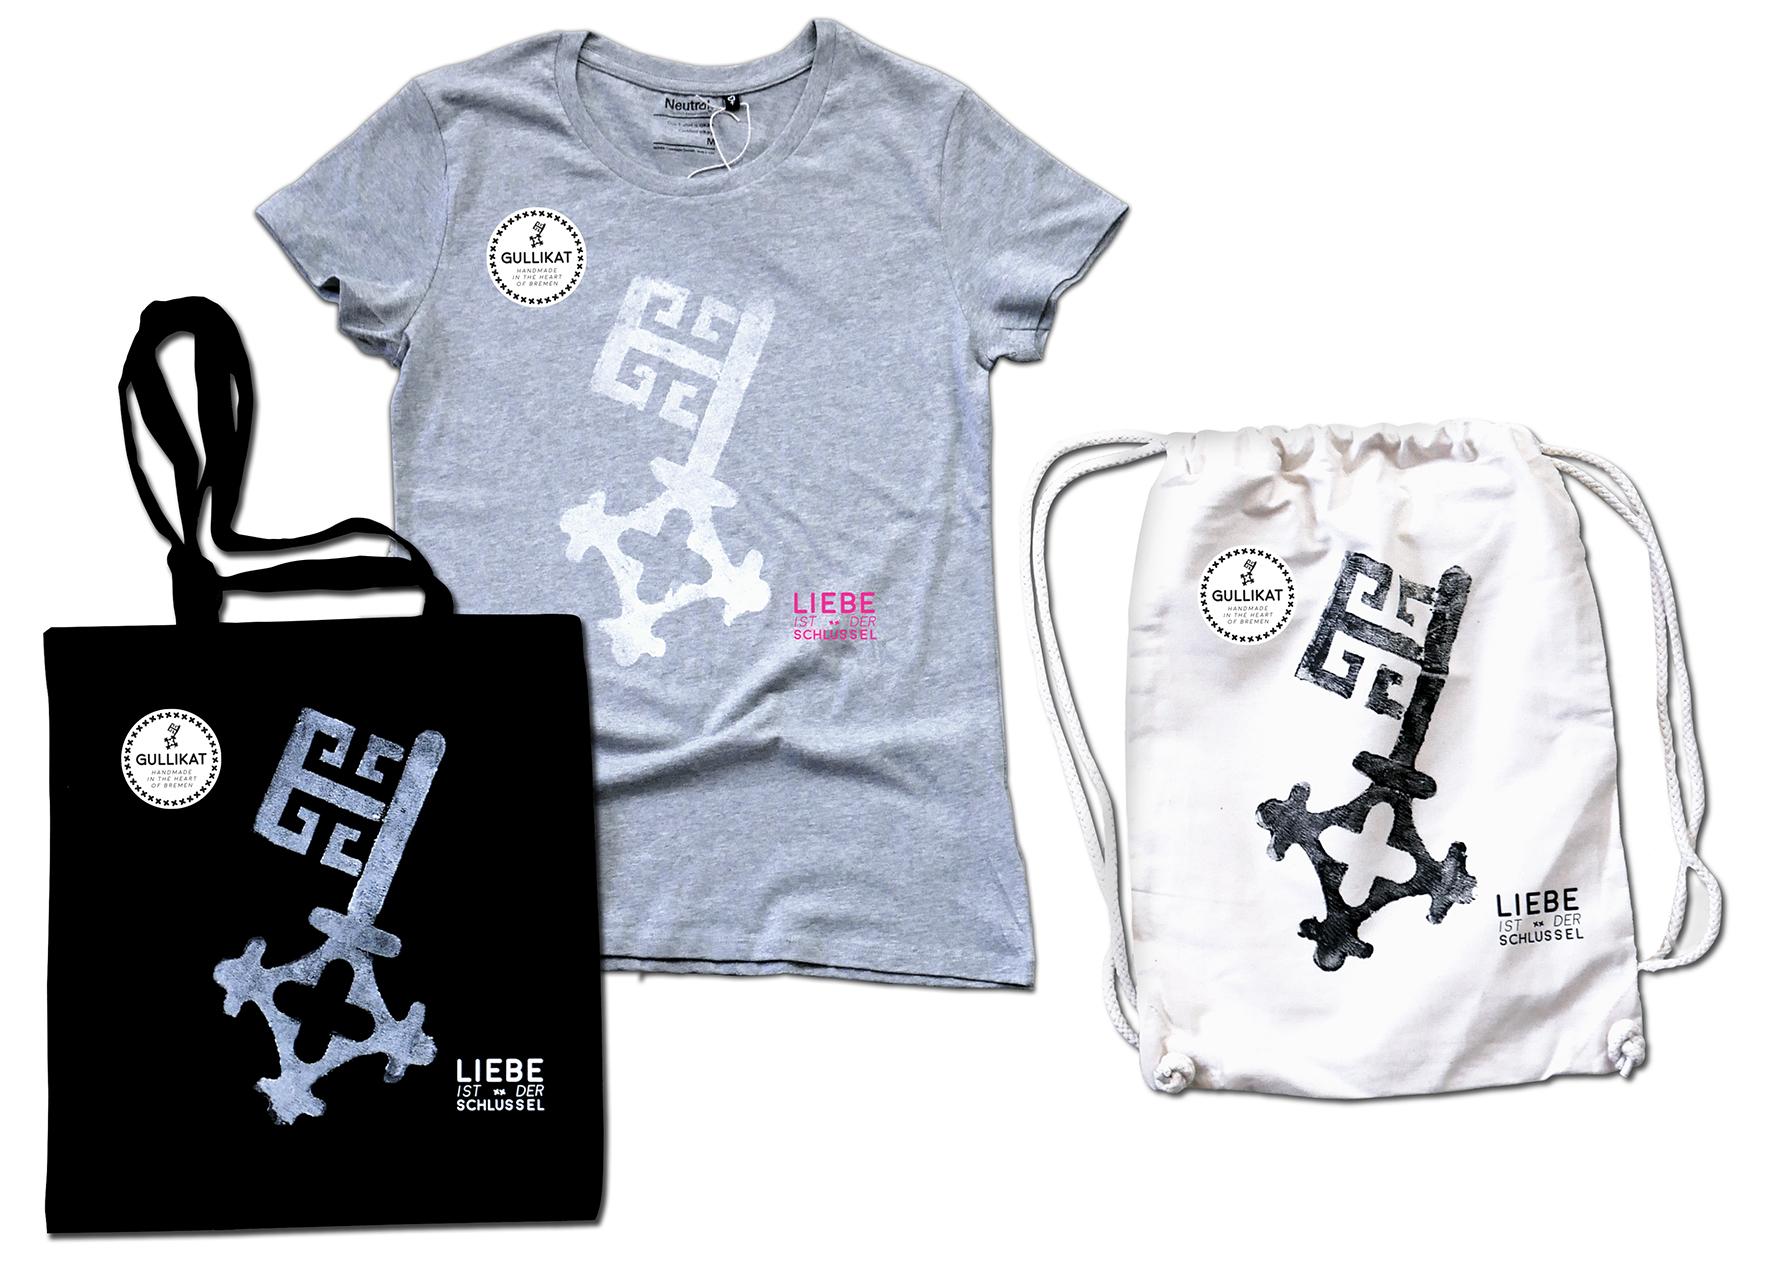 LIDS_Produkte_klein